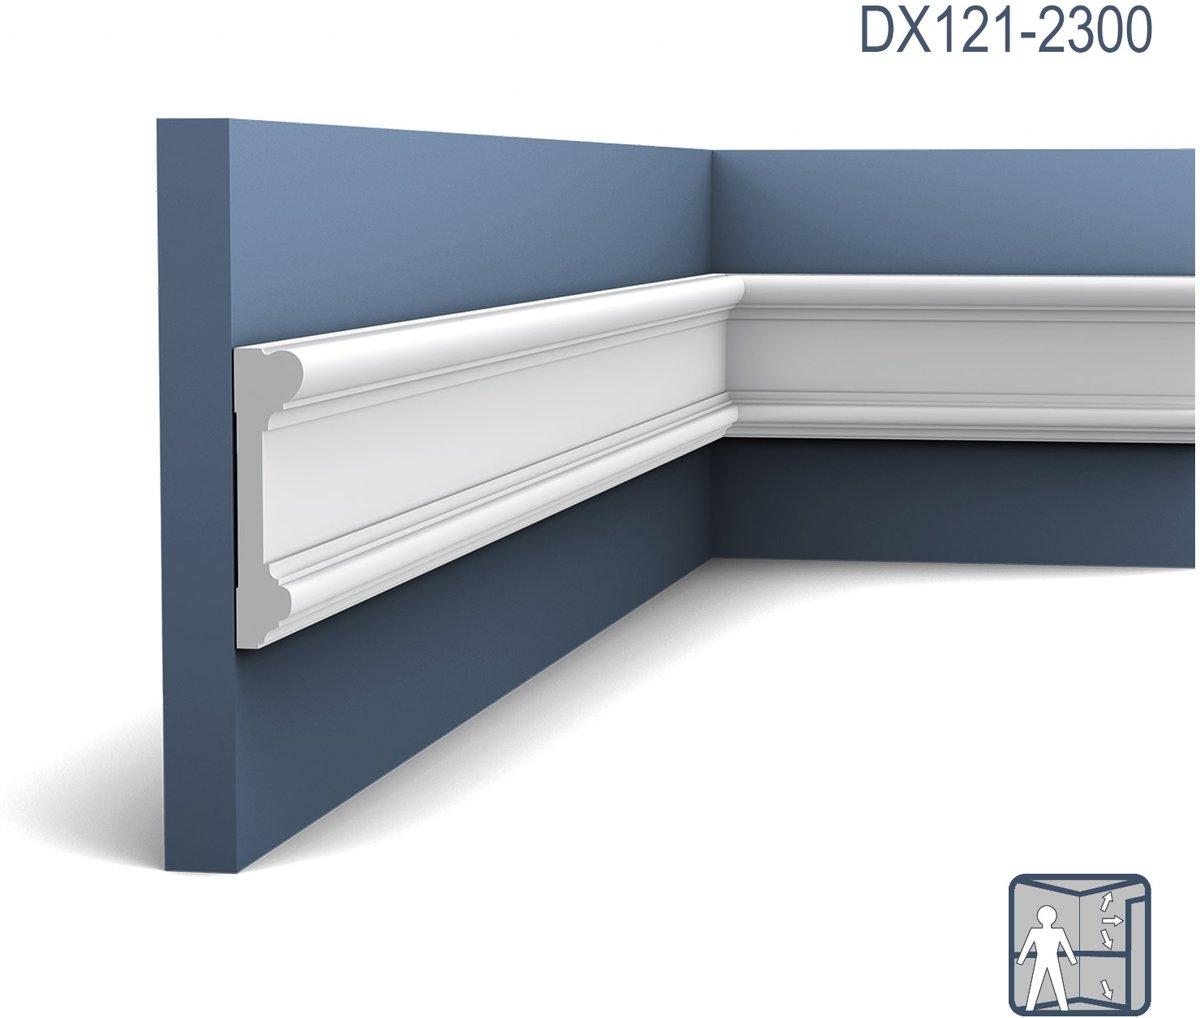 Deuromlijsting Origineel Orac Decor DX121-2300 LUXXUS Multifunctioneel profiel Wandlijst Plint 2.3 m kopen